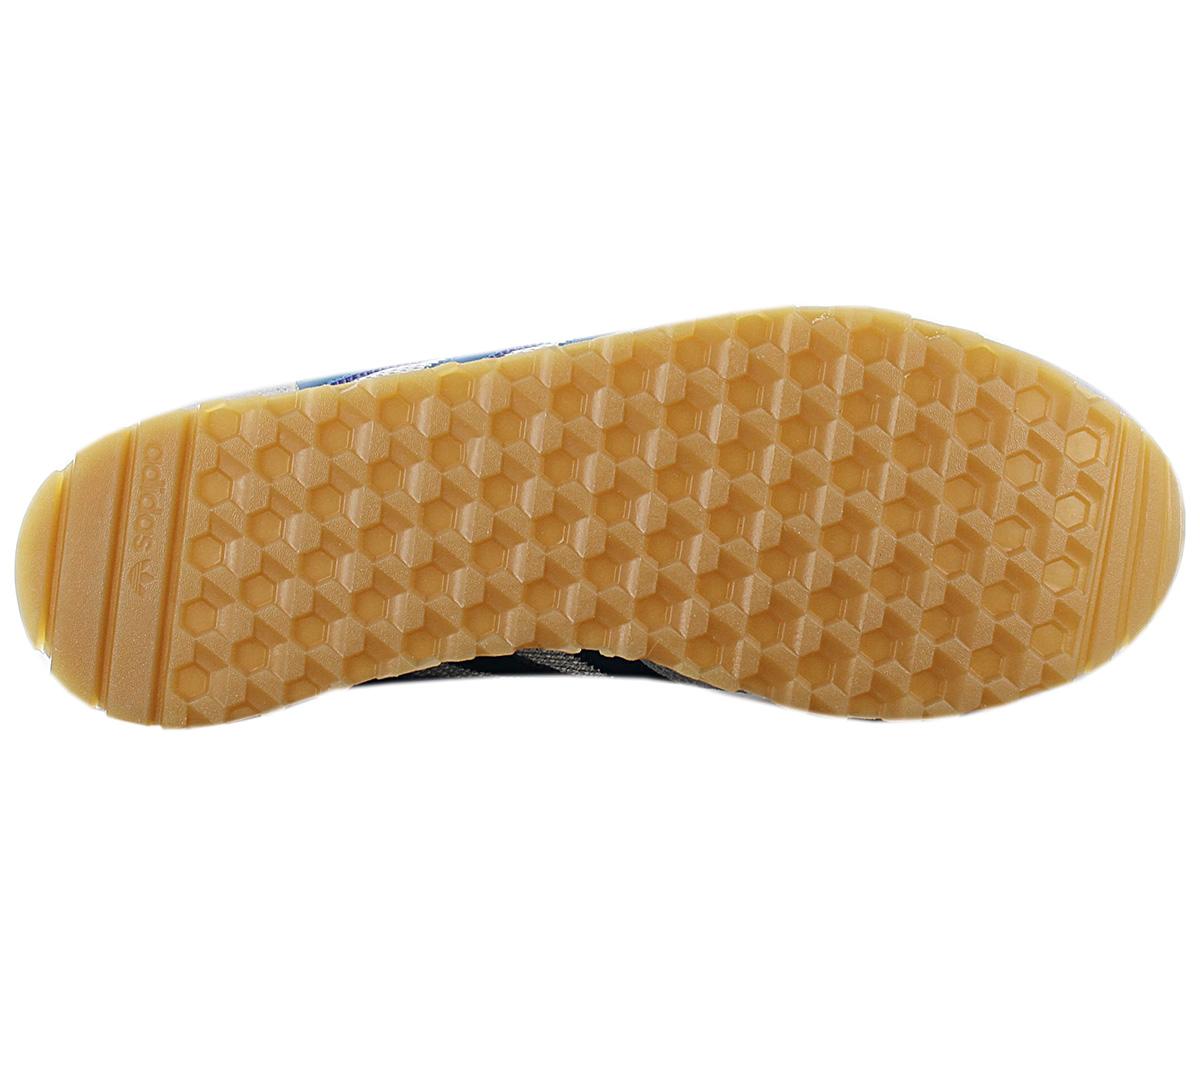 NUOVO ADIDAS ORIGINALS Haven DA9933 Uomo Scarpe Sneaker SALE